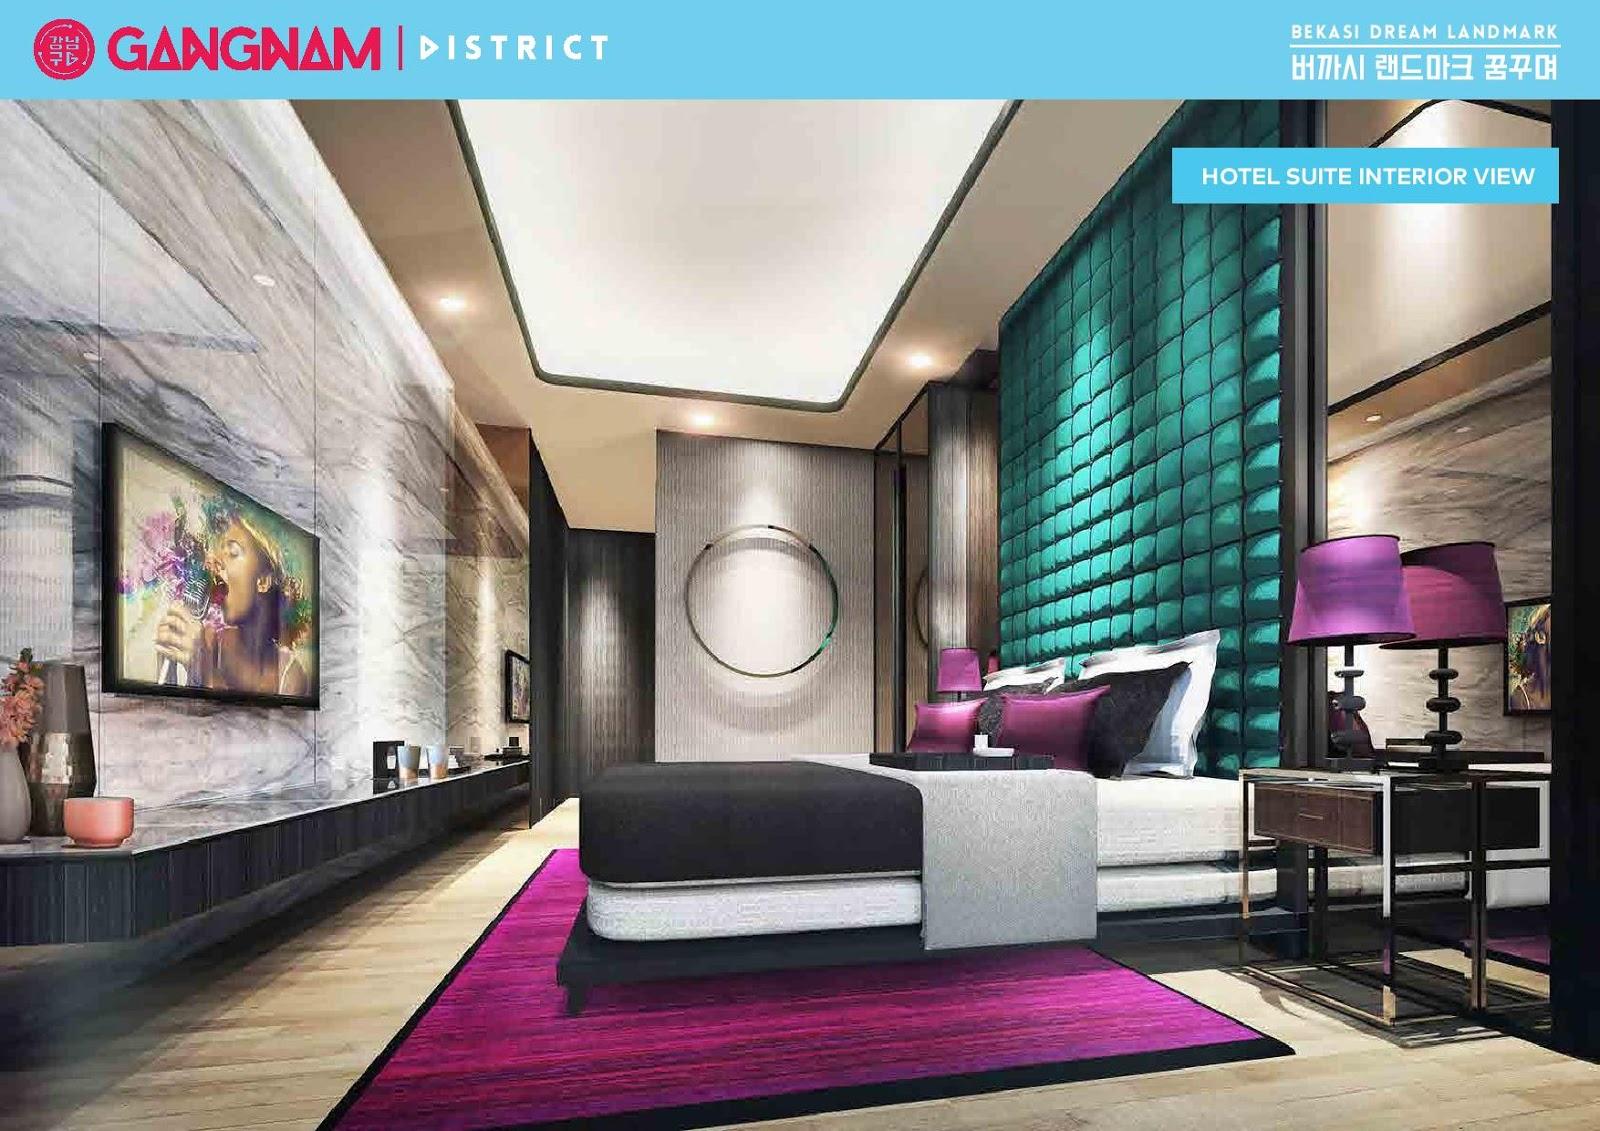 Galery Apartemen Gangnam District Bekasi